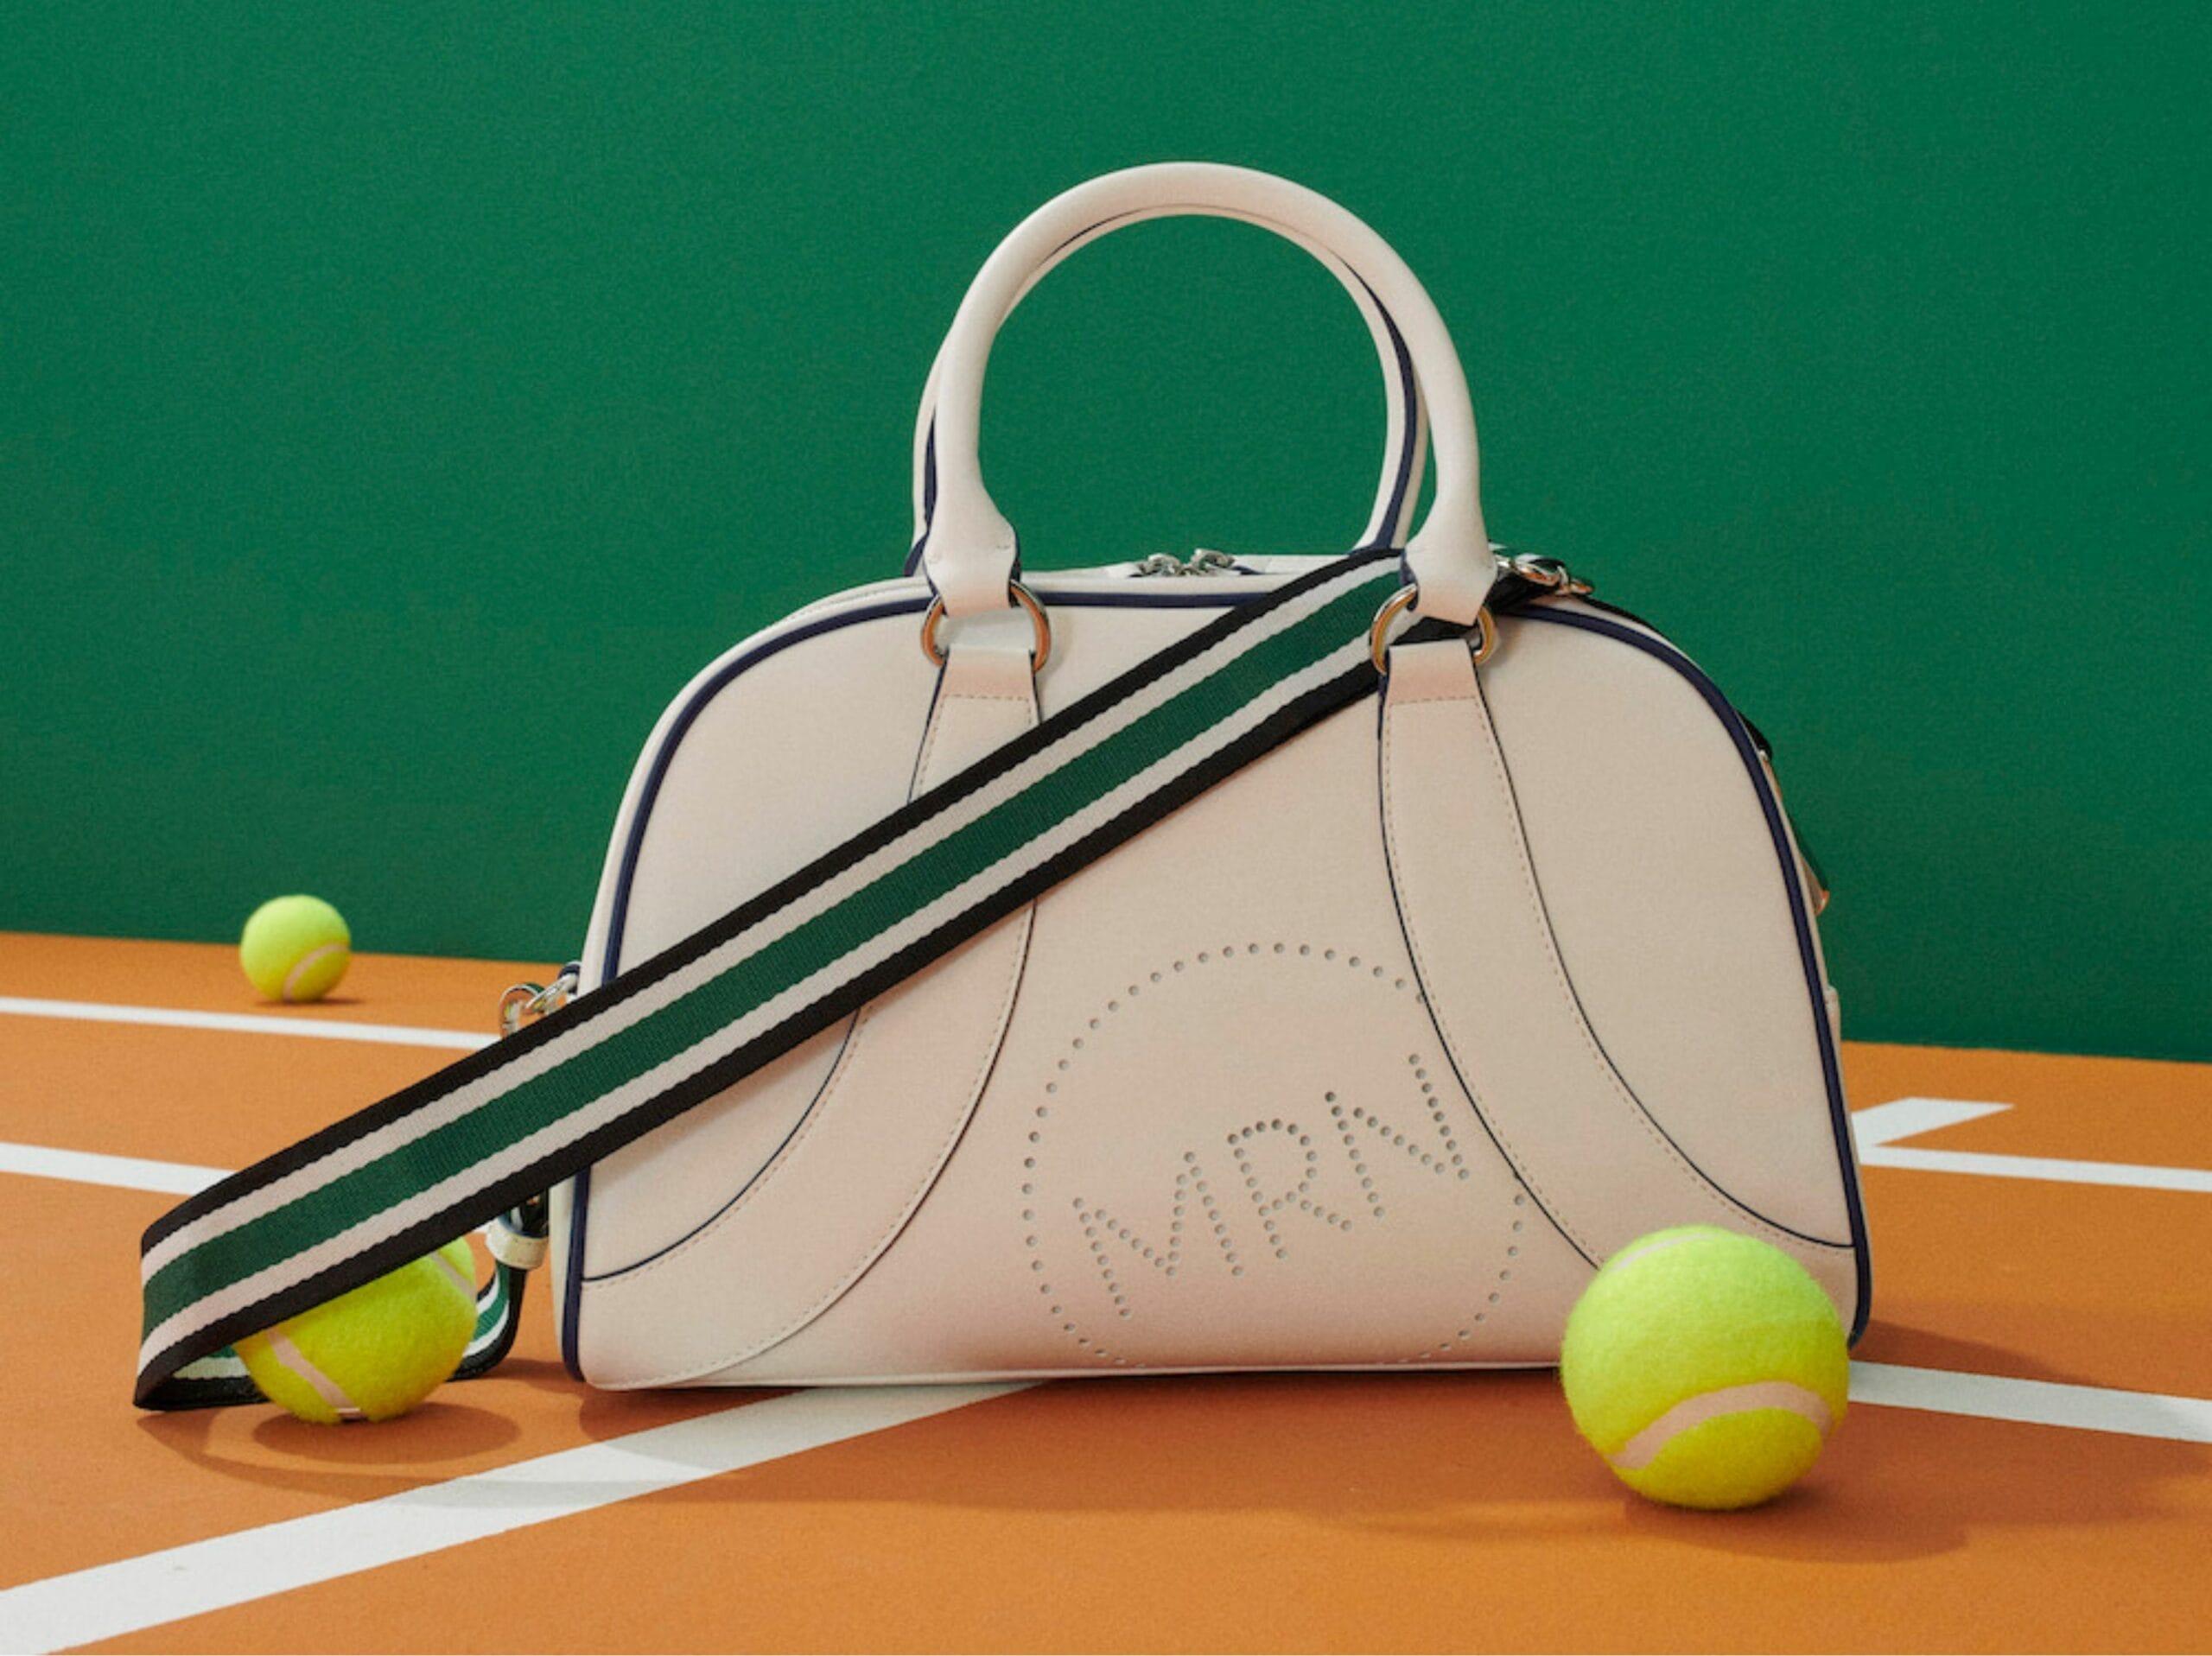 MRN - Marina Rinaldi presenta la collezione ispirata al tennis